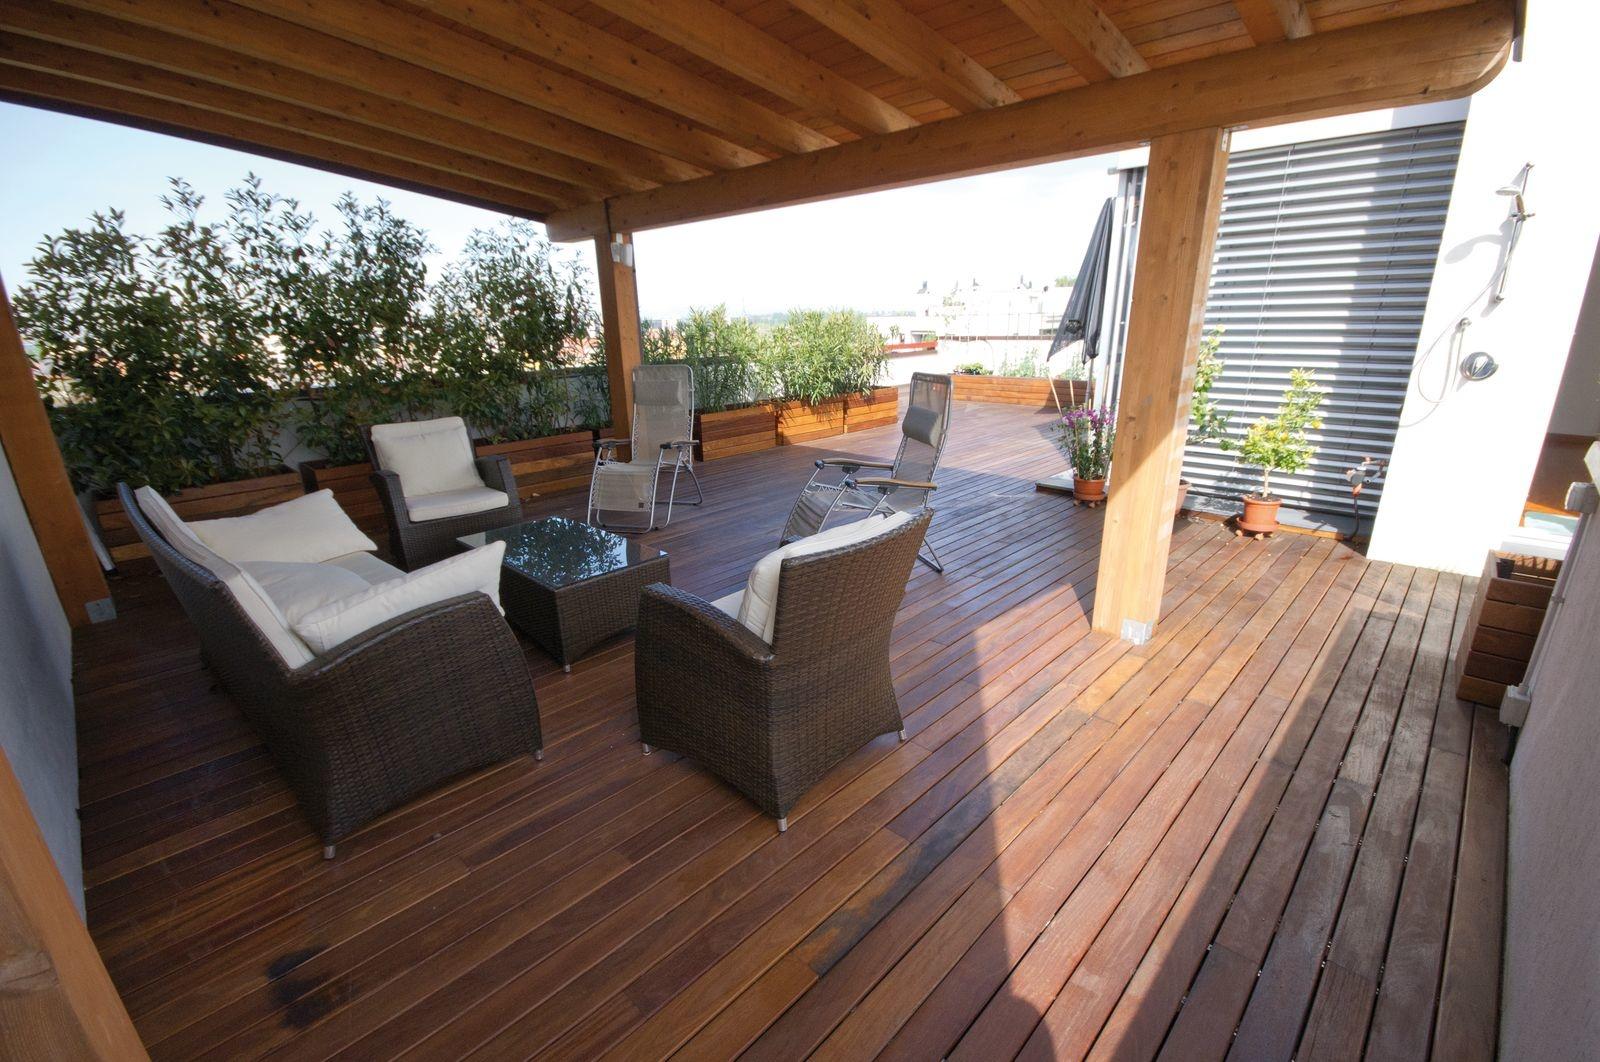 Wood and Co. Модные отделки для террас и бассейнов (галерея 21, фото 1)